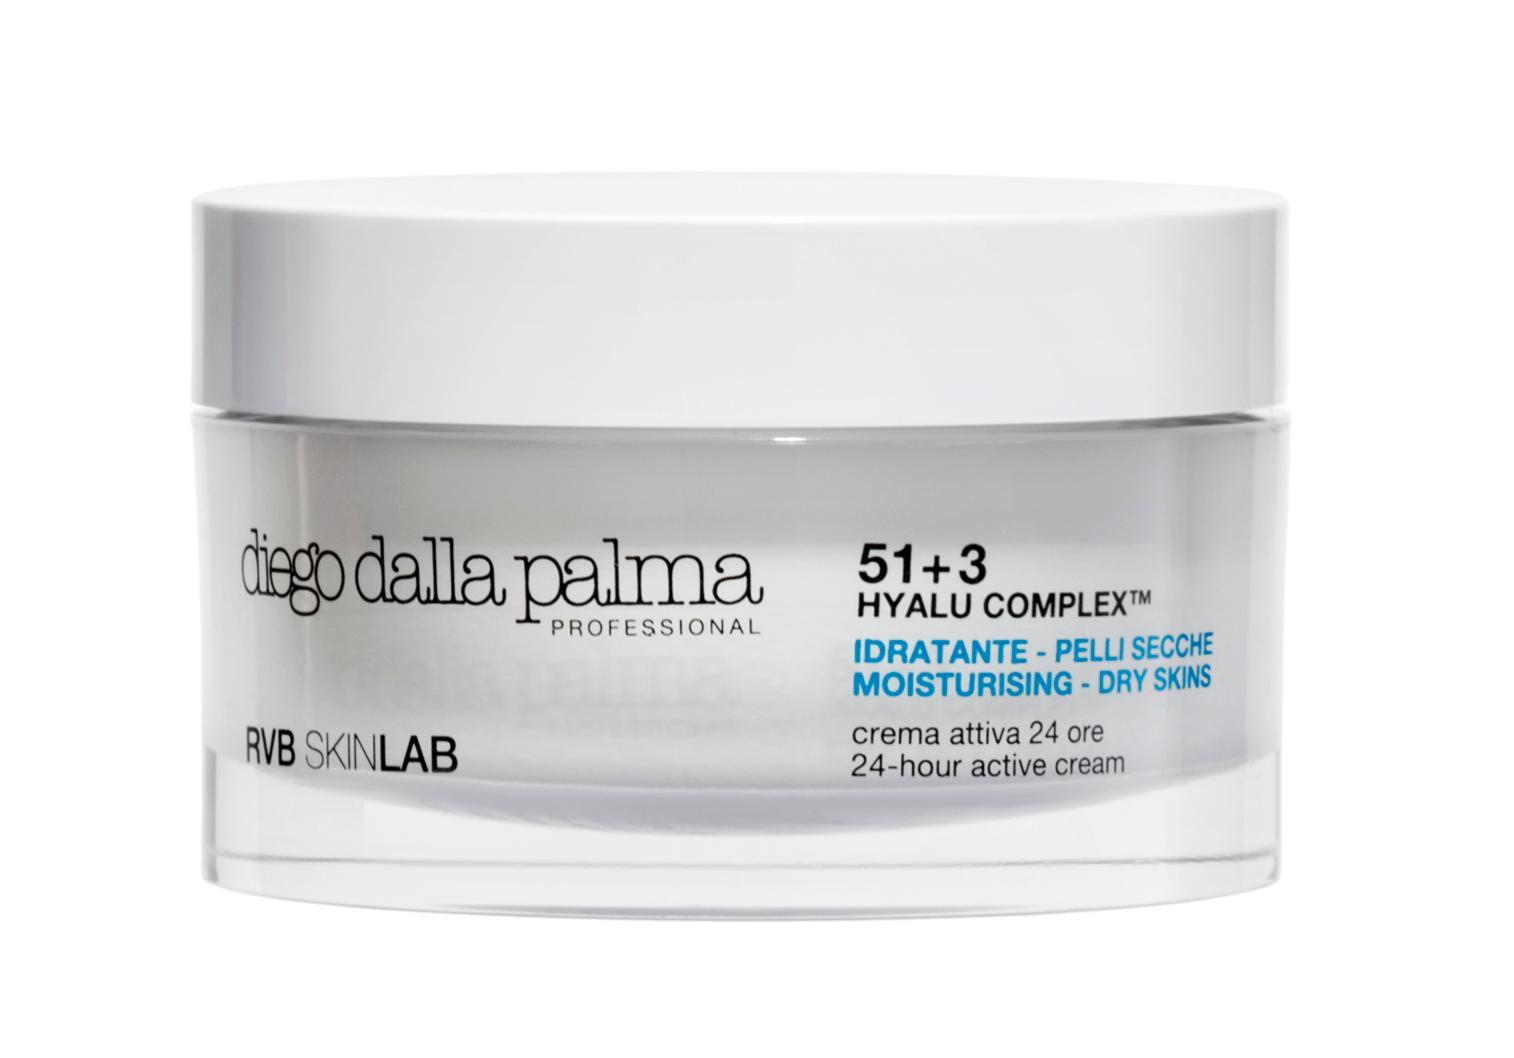 DIEGO DALLA PALMA PROFESSIONAL Крем активный 24-часового действия / Diego dalla palma 50млКремы<br>Нежный и шелковистый, насыщенный увлажняющий крем с пролонгированным действием. Восстанавливает оптимальную влажность и природную эластичность поврежденной кожи,придает ей мягкость и гладкость, оказывает выраженное противовоспалительное действие. Регулируют баланс и активность липидов эпидермальной мантии на клеточном уровне, способствует синтезу аквапоринов. РЕКОМЕНДУЕТСЯ: для увлажнения кожи, особенно для сухой, обезвоженной, с поврежденным эпидермальным барьером. Активные ингредиенты: 51+3 HYALU COMPLEX , Нydra-flux  (аквапорины -3), Hydra-gene complex, масло теобромы крупноцветковой (купуасу), масло оливы, экстракт офипогона японского, трегалоза, убихинон, ретинол пальмитат. &amp;nbsp;Состав: Aqua (Water), Propylheptyl Caprylate, Dimethicone, Polysilicone-11, Hydrogenated Polydecene, Theobroma Grandiflorum Seed Butter, Cetearyl Olivate, Cetearyl Alcohol, Sorbitan Olivate, Cetyl Palmitate, Glycerin, Trehalose, Pentylene Glycol, Hydrolyzed Glycosaminoglycans, Ophiopogon Japonicus Root Extract, Yeast Amino Acids, Urea, Butylene Glycol, Niacinamide, Xanthan Gum, Arginine, Sodium Starch Octenylsuccinate, Betaine, Inositol, Taurine, Sodium Lauroyl Lactylate, Calcium Pantothenate, Maltodextrin, Sodium Hyaluronate, Lecithin, Pyridoxine Hcl Sodium Ascorbyl Phosphate, Mannitol, Disodium Adenosine Triphosphate, Rna, Saccharomyces/Copper Ferment, Saccharomyces/Iron Ferment, Saccharomyces/Magnesium Ferment, Saccharomyces/Silicon Ferment, Saccharomyces/Zinc Ferment, Ammonium Acryloyldimethyltaurate/Vp Copolymer,Tyrosine, Phenylalanine, Glutamic Acid, Aspartic Acid, Threonine, Valine, Lysine, Histidine, Glycine, Valine, Isoleucine, Leucine, Serine, Alanine, Proline, Citric Acid, Sorbitol, Tocopheryl Acetate, Histidine Hcl, Tocopherol, Ascorbyl Palmitate, Tropolone, Ceramide 3, Thiamine/Yeast Polypeptide, Dna, Methionine, Cysteine, Tryptophan, Carbomer, Cholesterol, Ceramide 6 Ii,